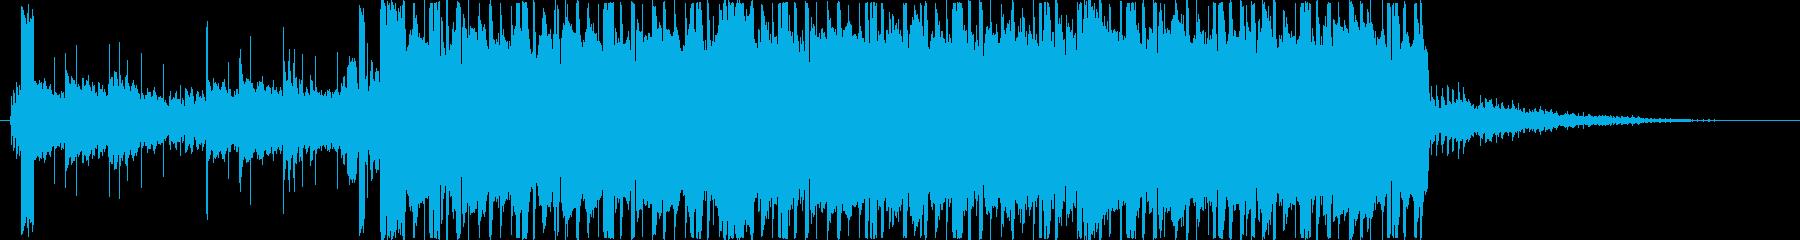 エレクトリカルなビート。シンセ 宇宙惑星の再生済みの波形